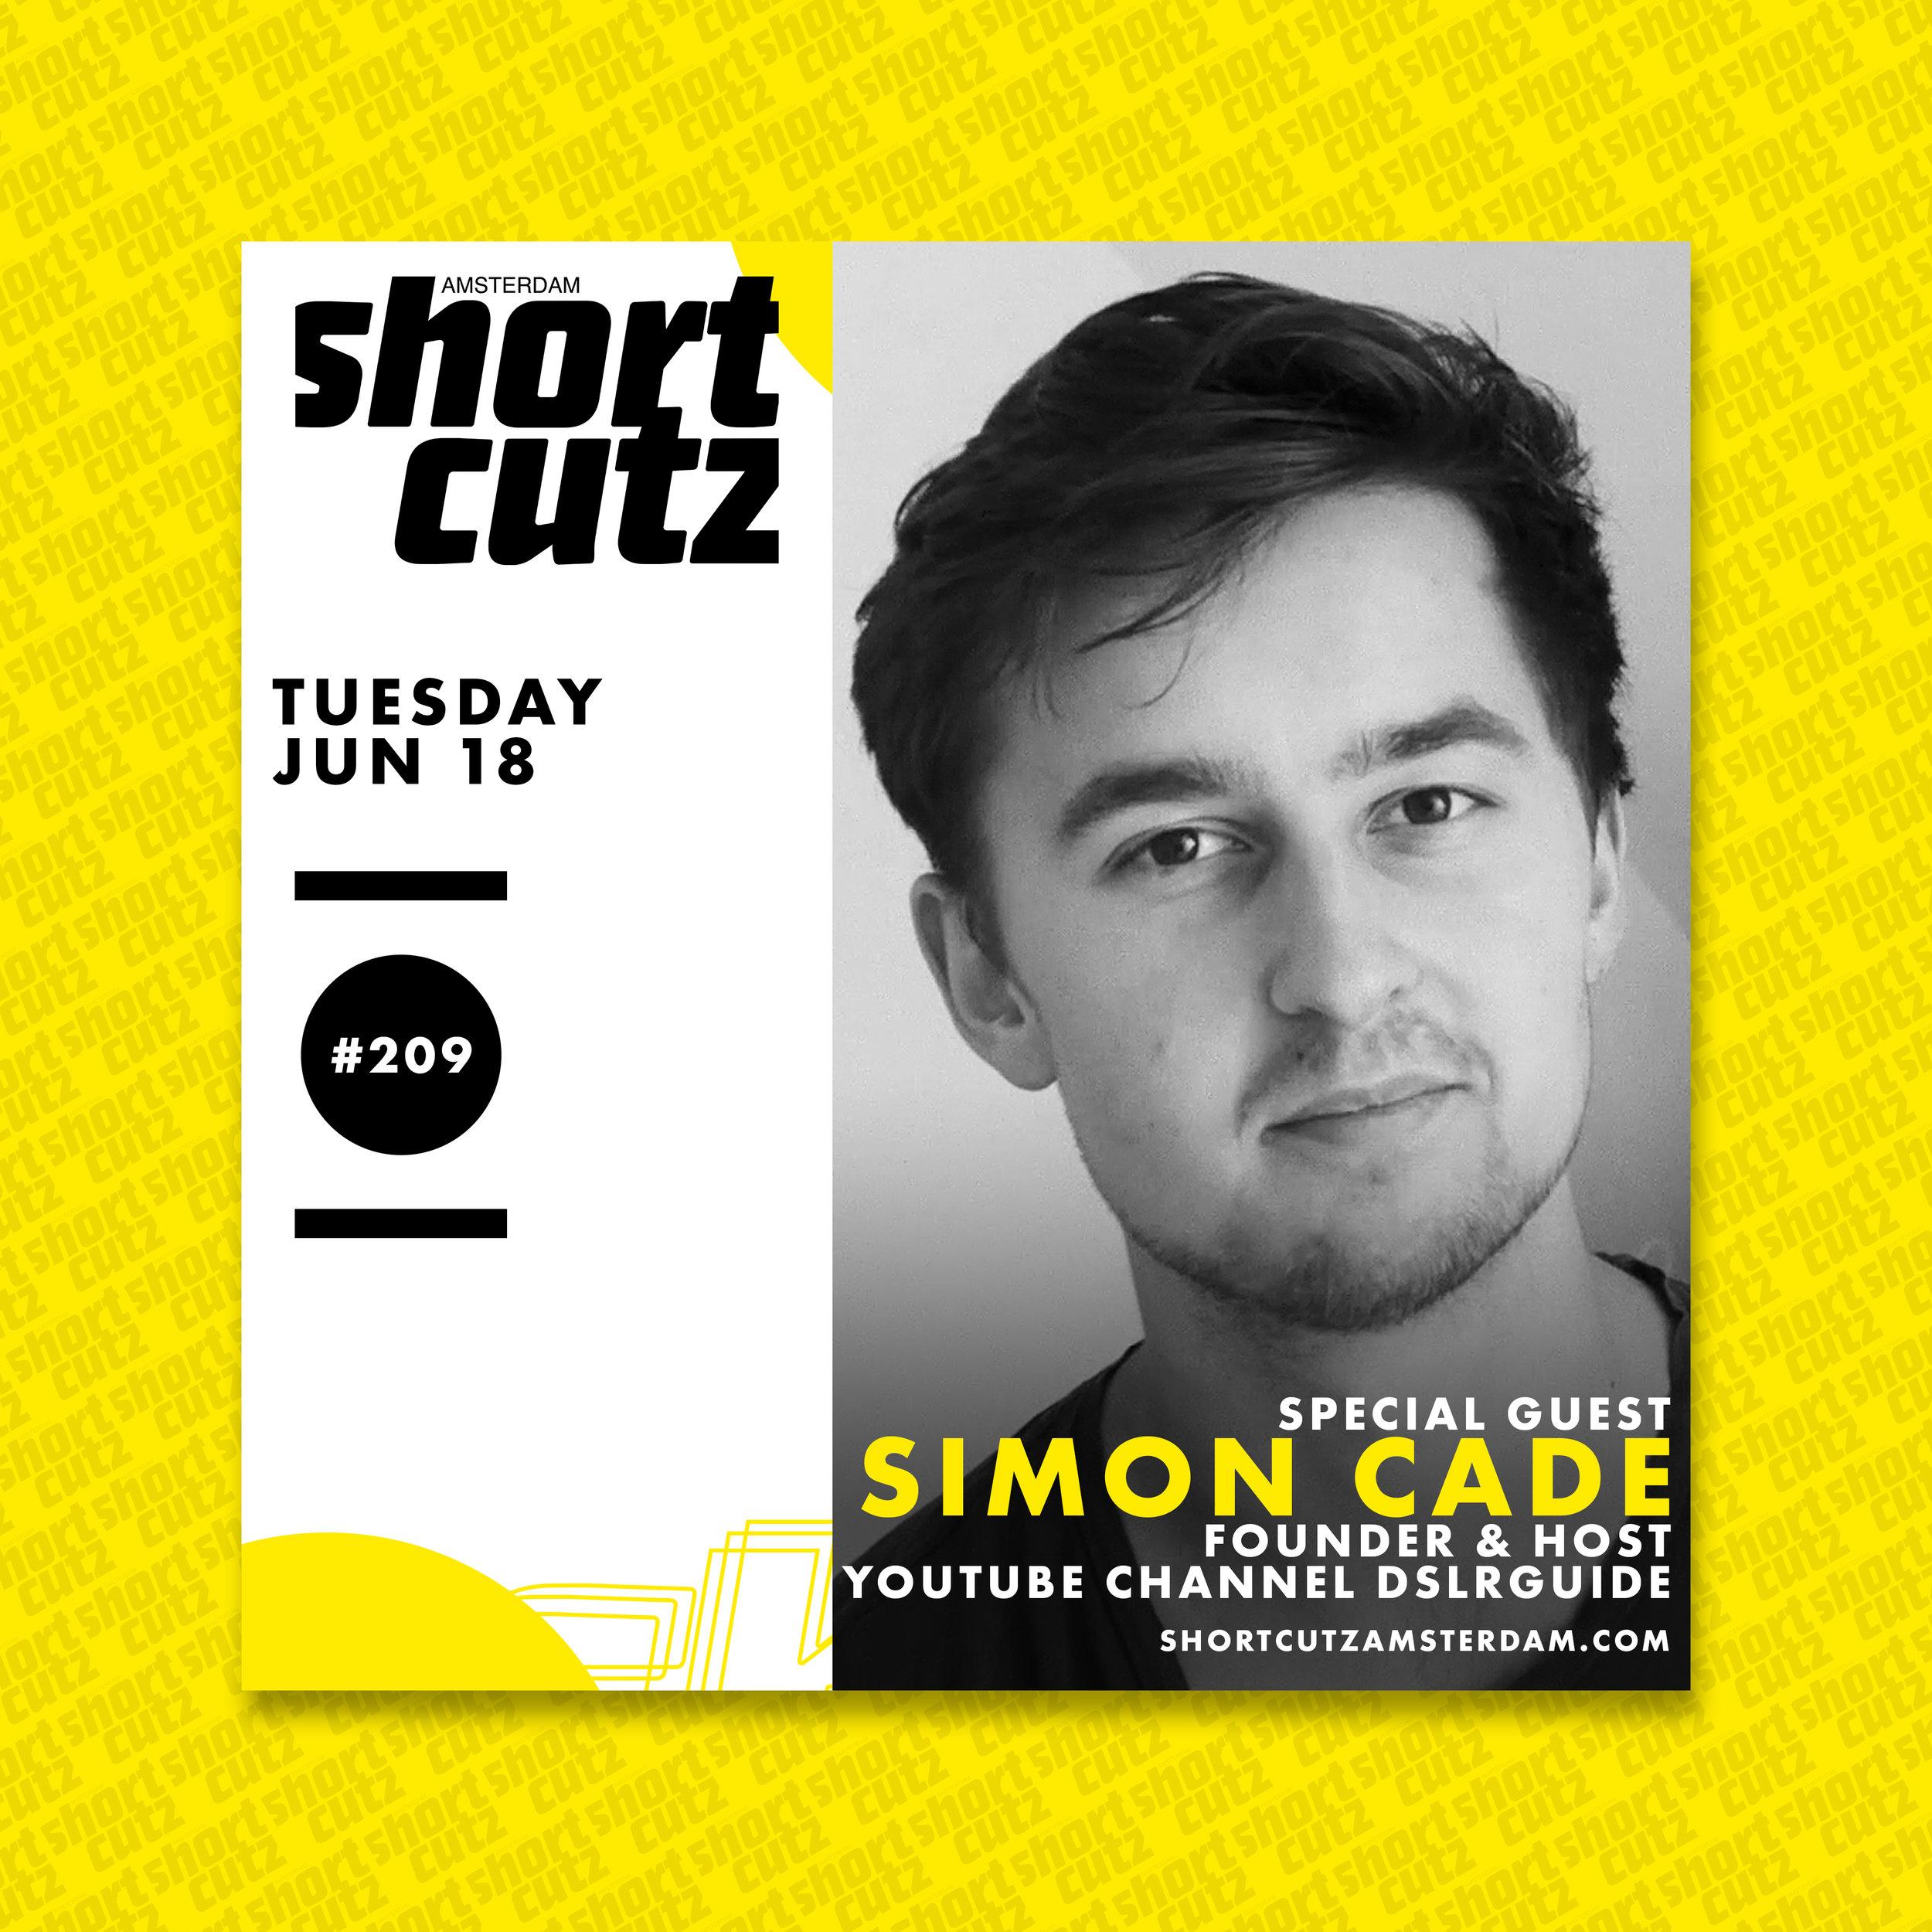 #209 Poster Simon Cade.jpg